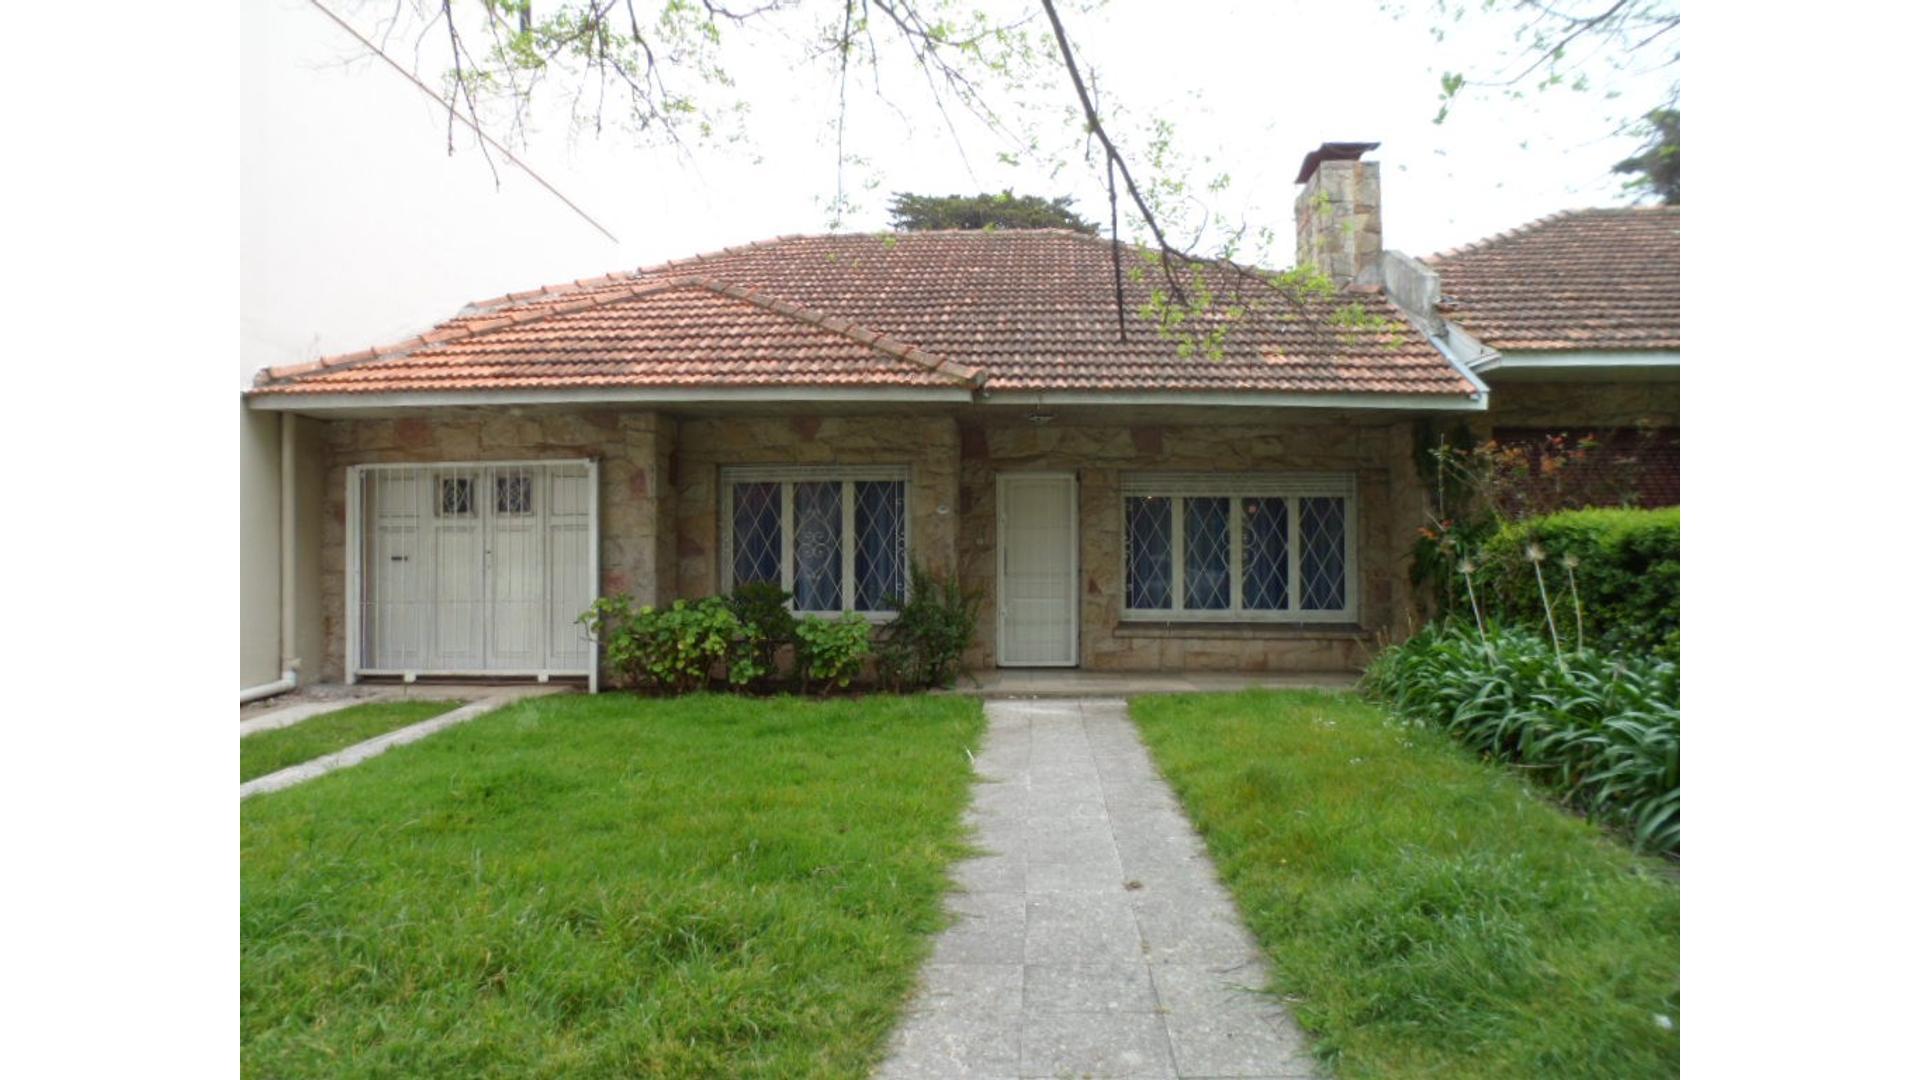 Chalet de 4 ambientes con garage, parque al fondo y jardín al frente